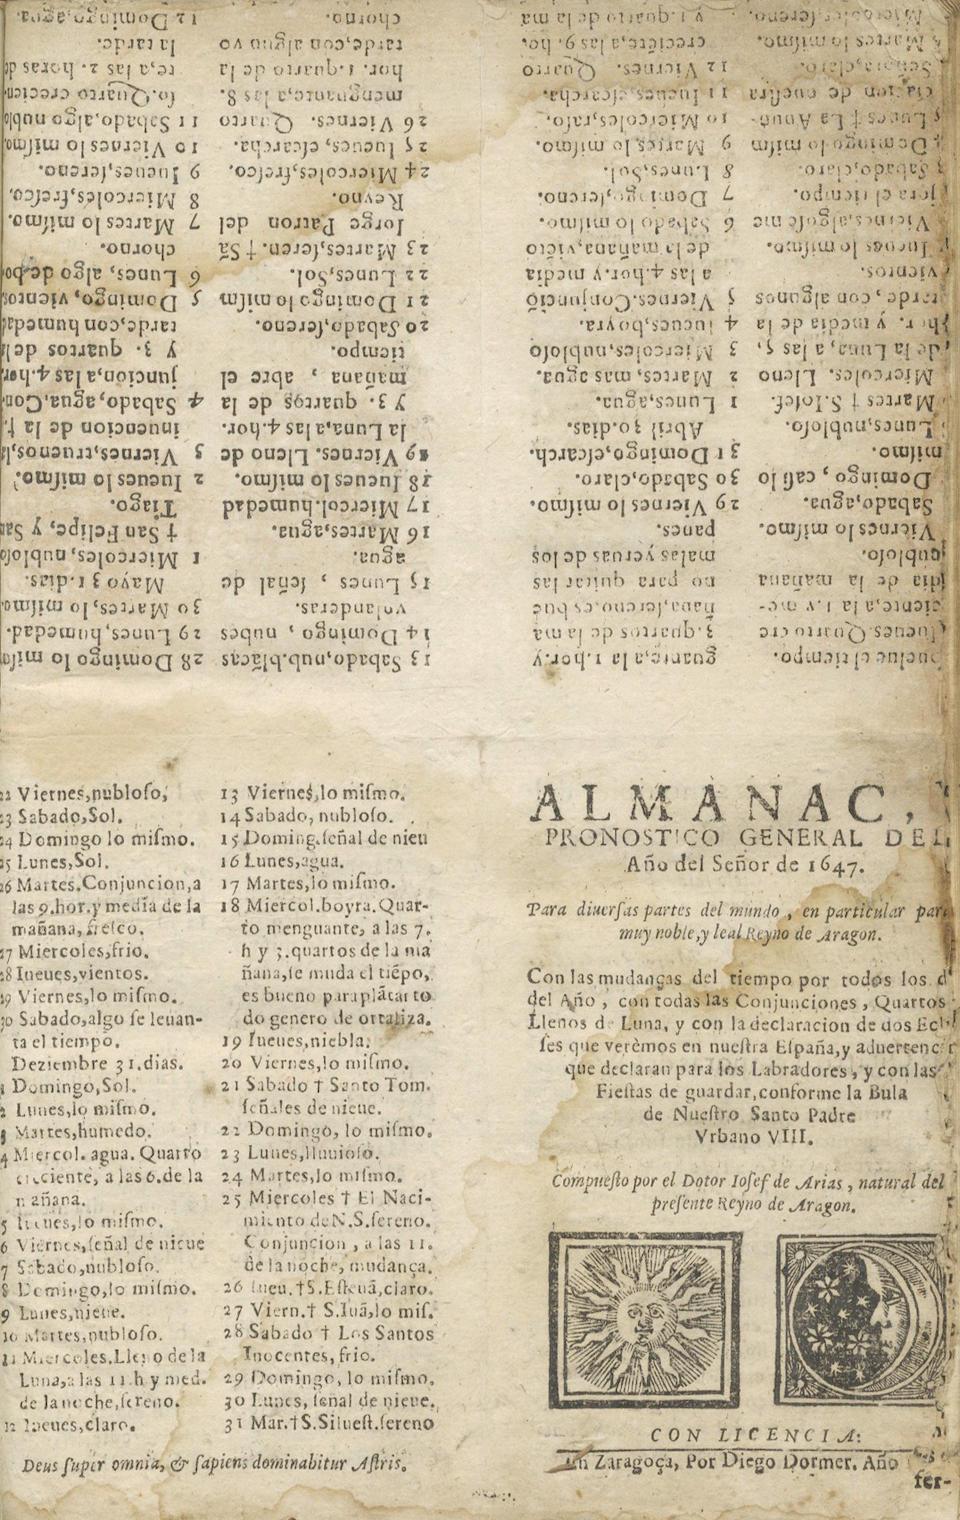 ARAGON - ALMANAC Fueros y actos de corte del Reyno de Aragon, hechos por... don Felipe nuestro señor, en las Cortes convocadas y fenecidas en... Çaragoça en los años 1645 y 1646